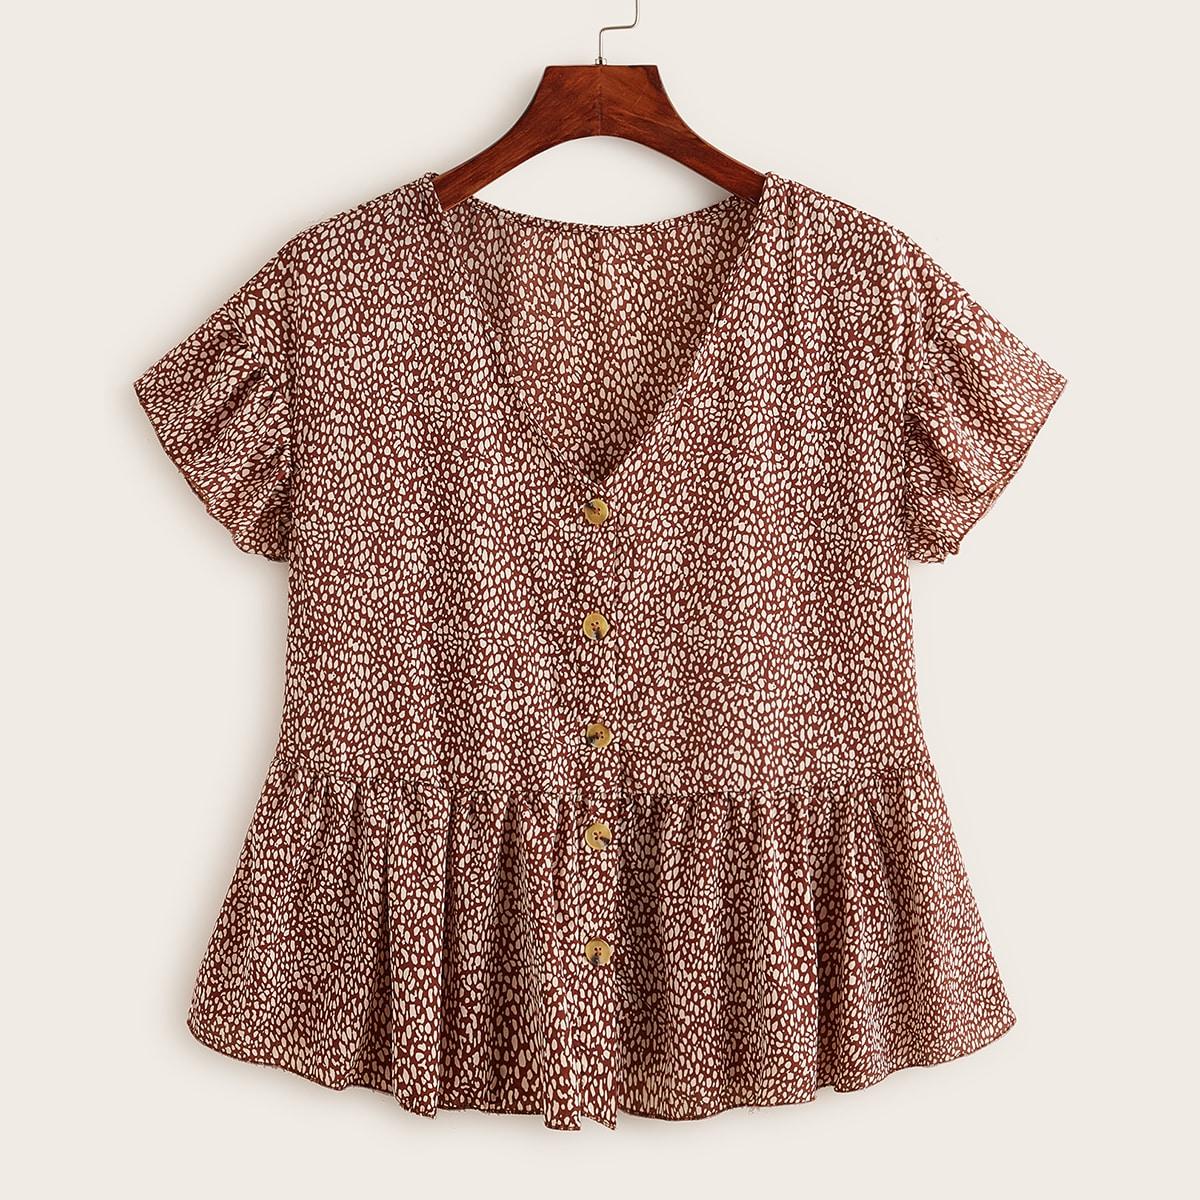 SHEIN / Übergroße Bluse mit Muster und Knöpfen vorn